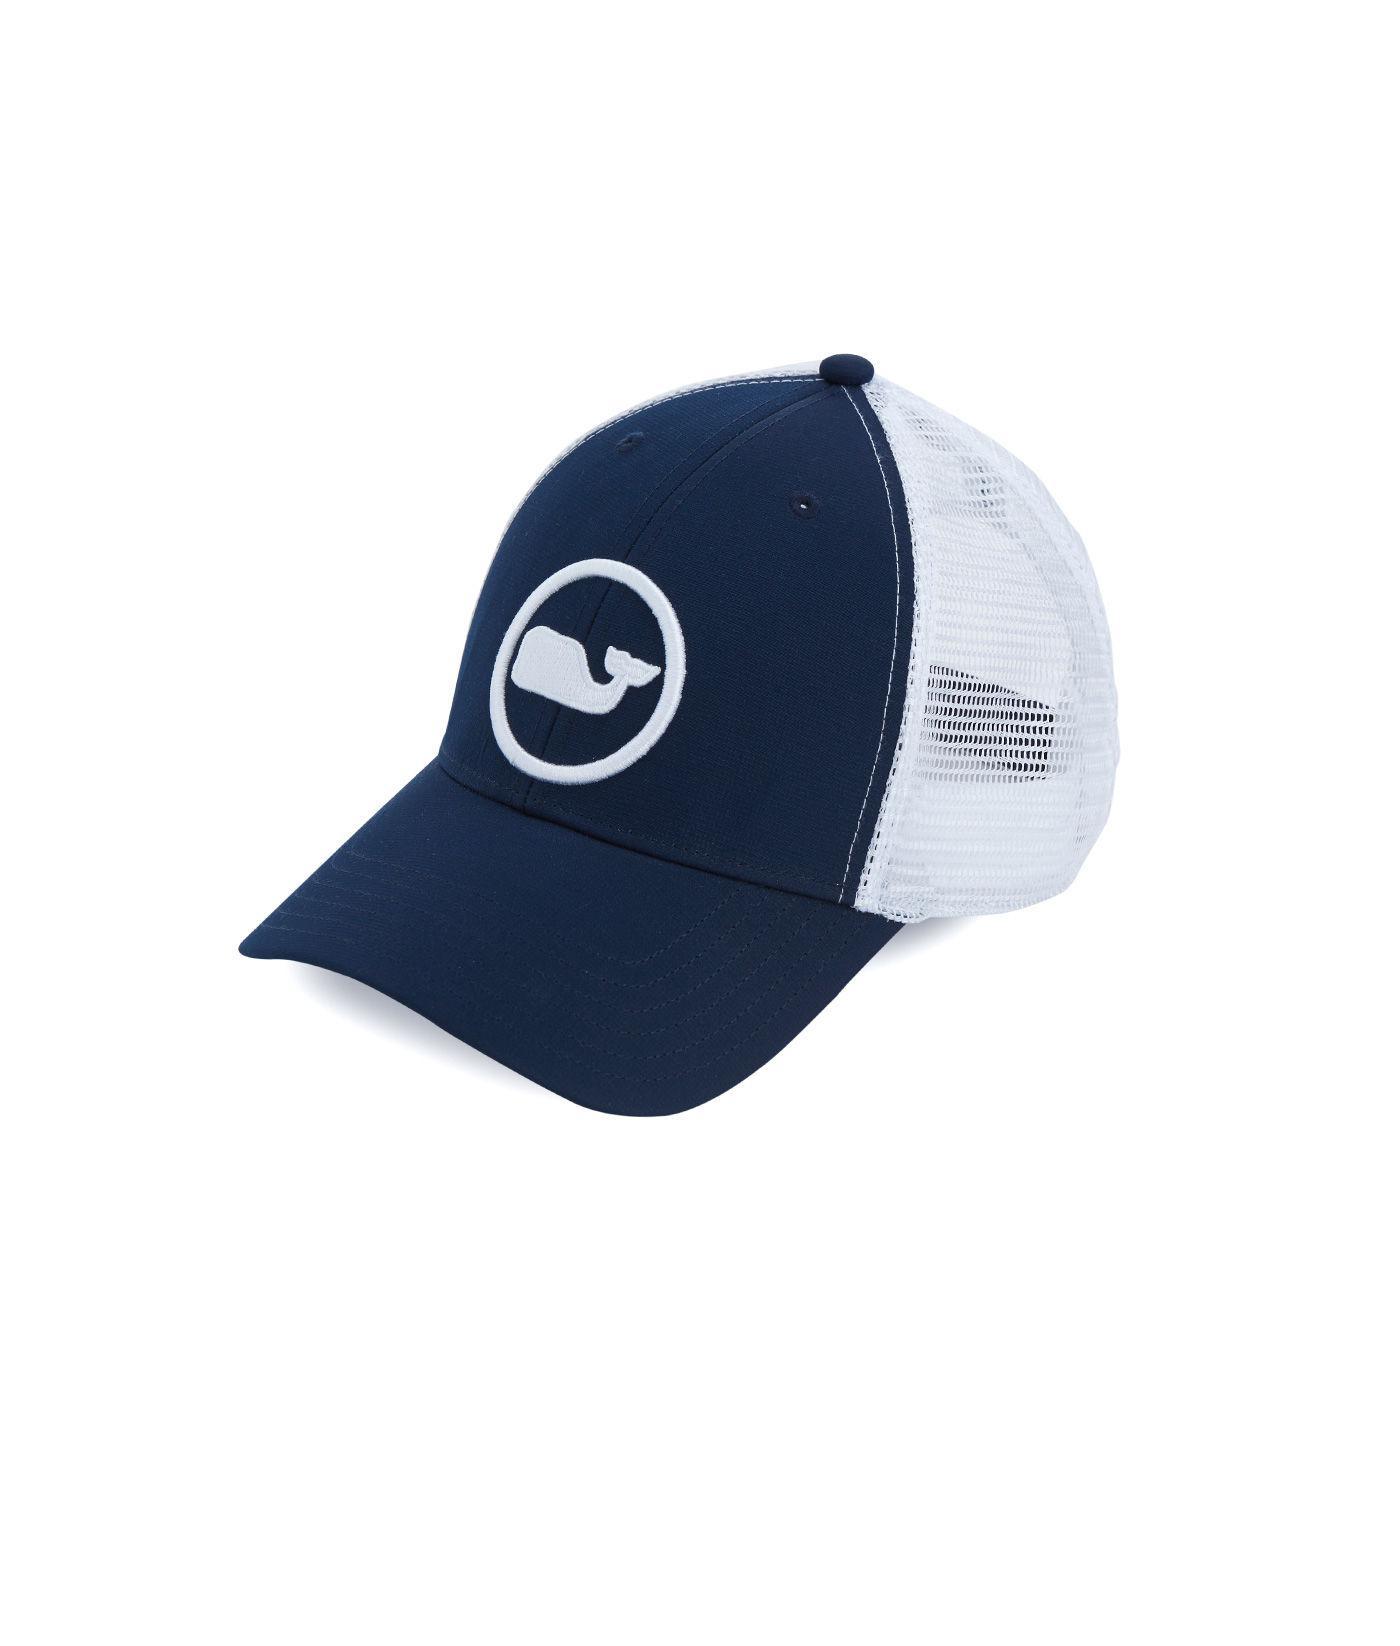 Lyst - Vineyard Vines Whale Dot Performance Trucker Hat in Blue for Men fd3e00edeabb